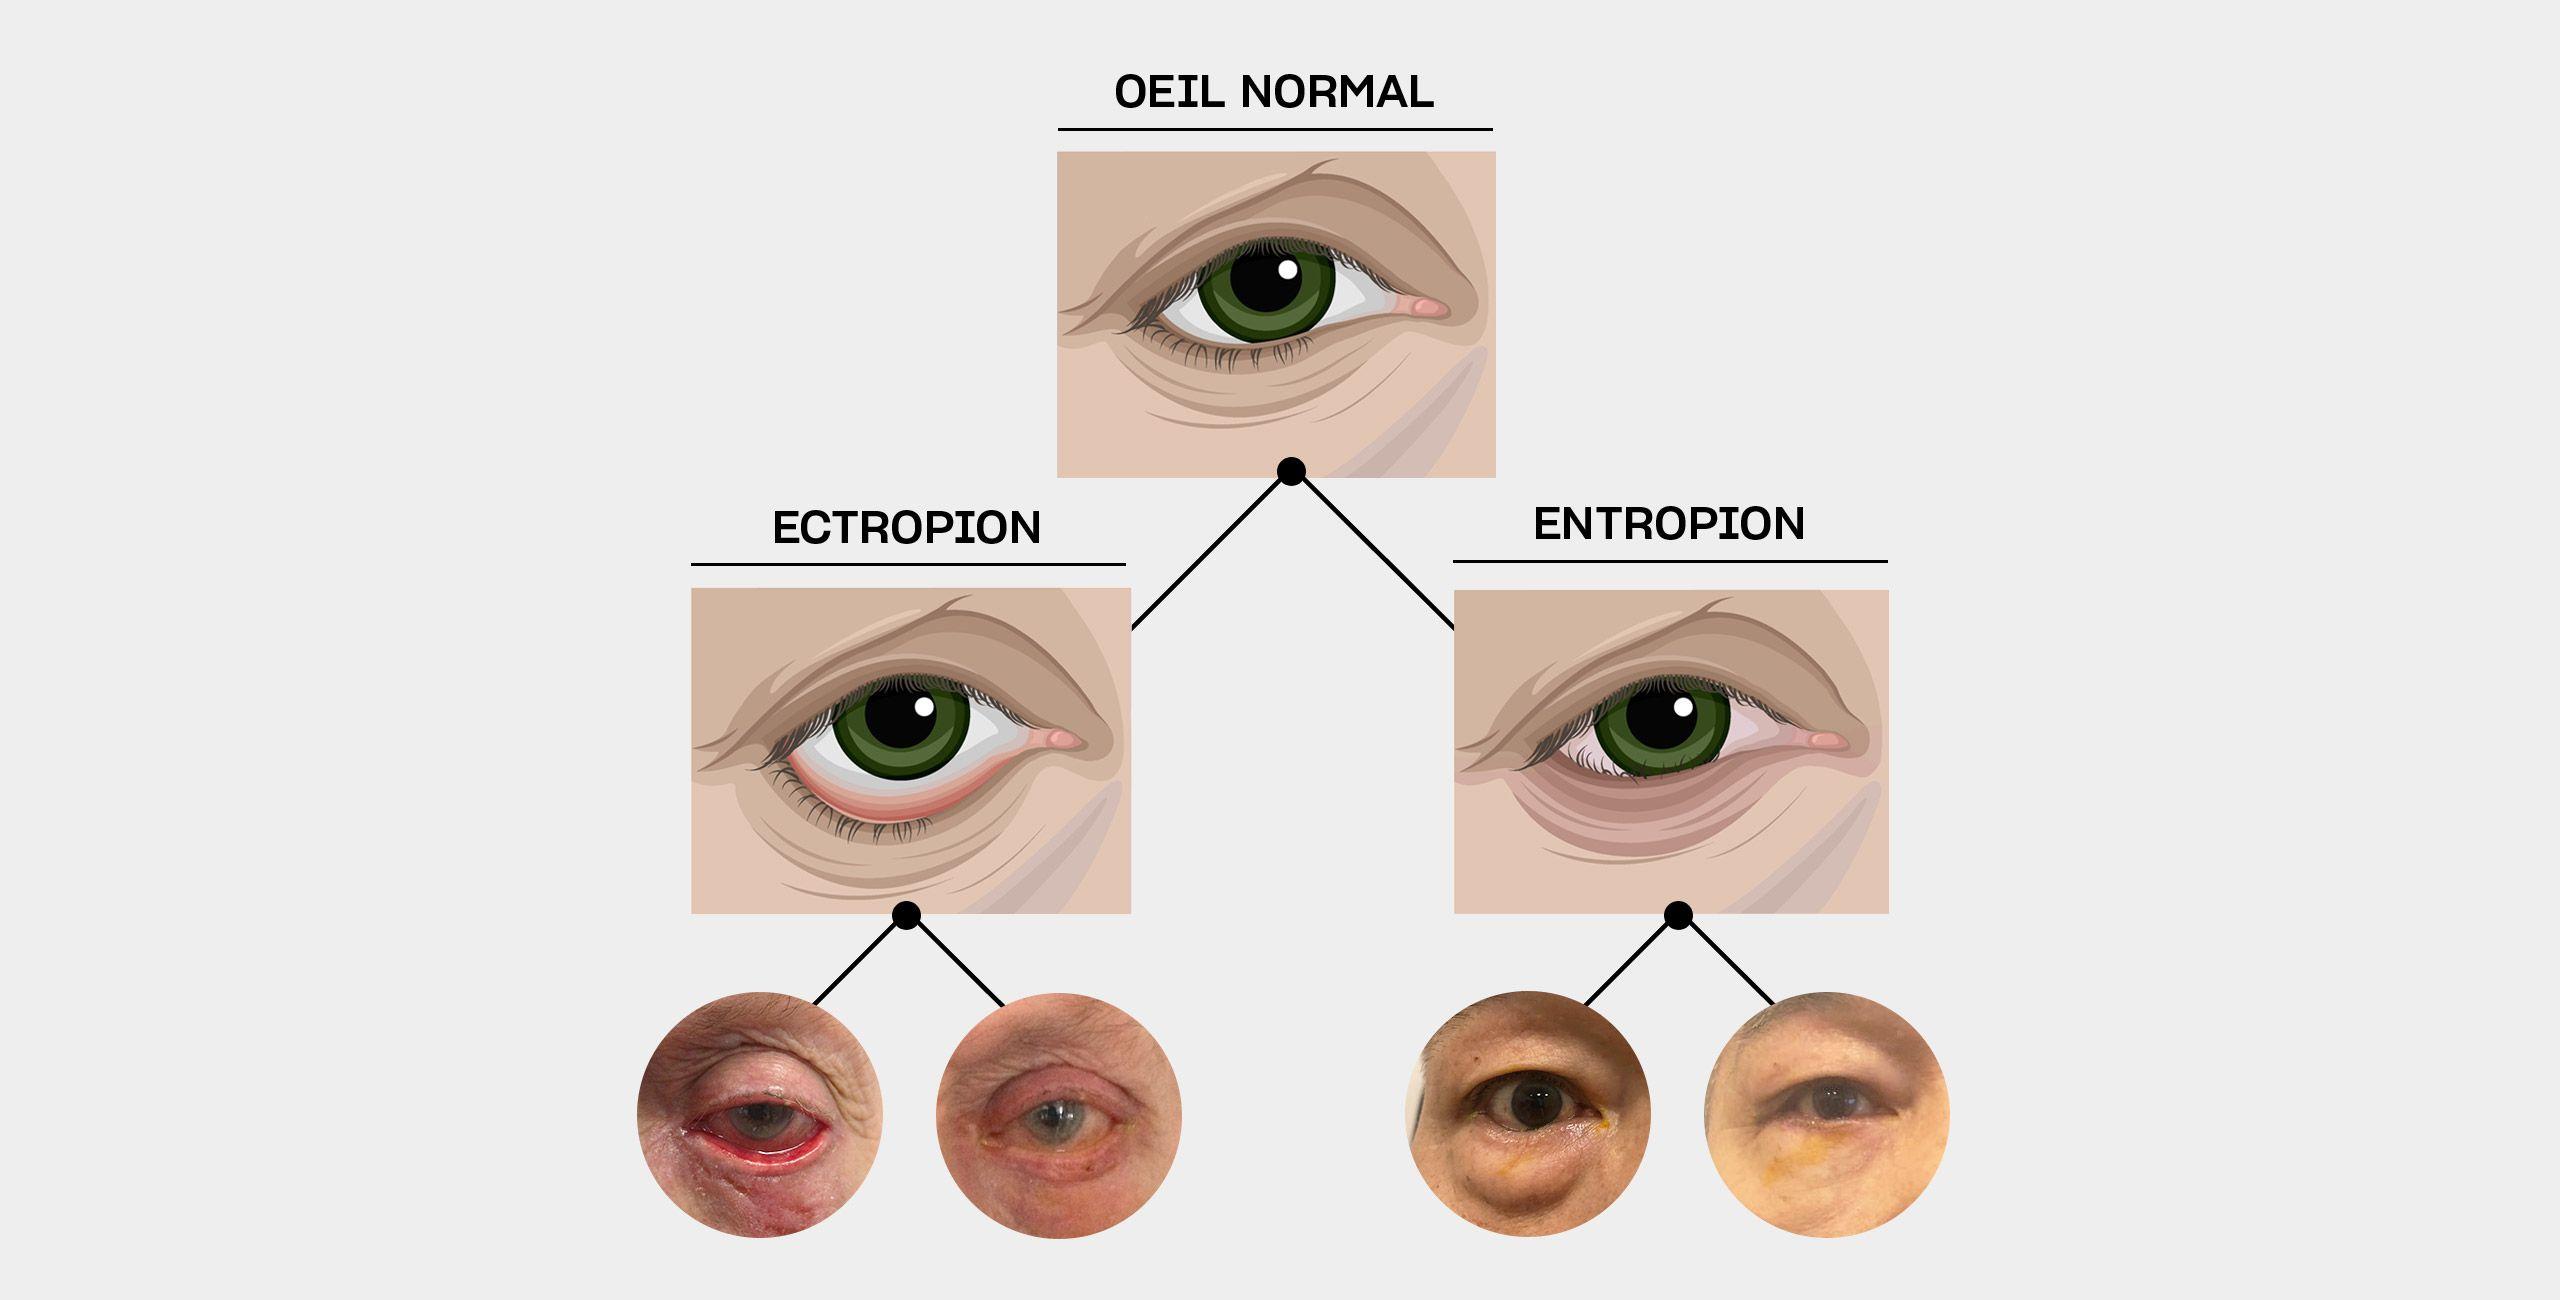 La chirurgie de l'entropion et de l'ectropion à Paris 5 au Centre ophtalmologique COSS